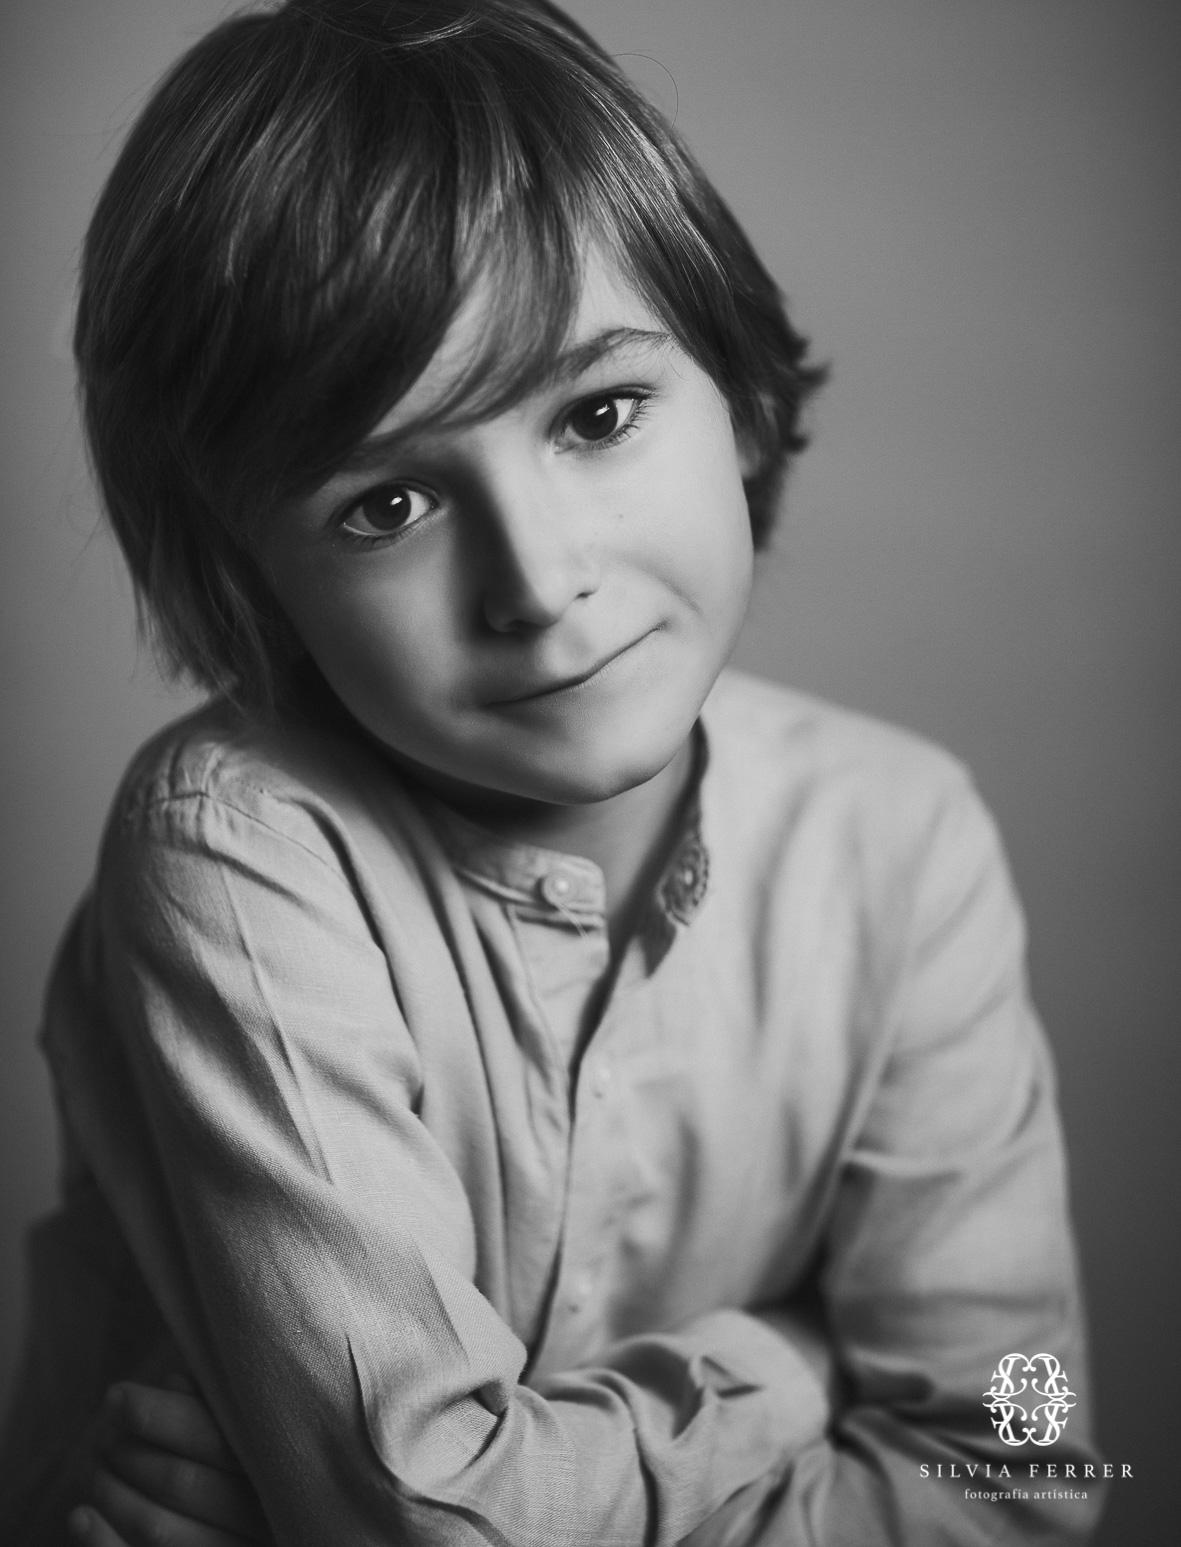 niño guapo en blanco y negro retrato fine art